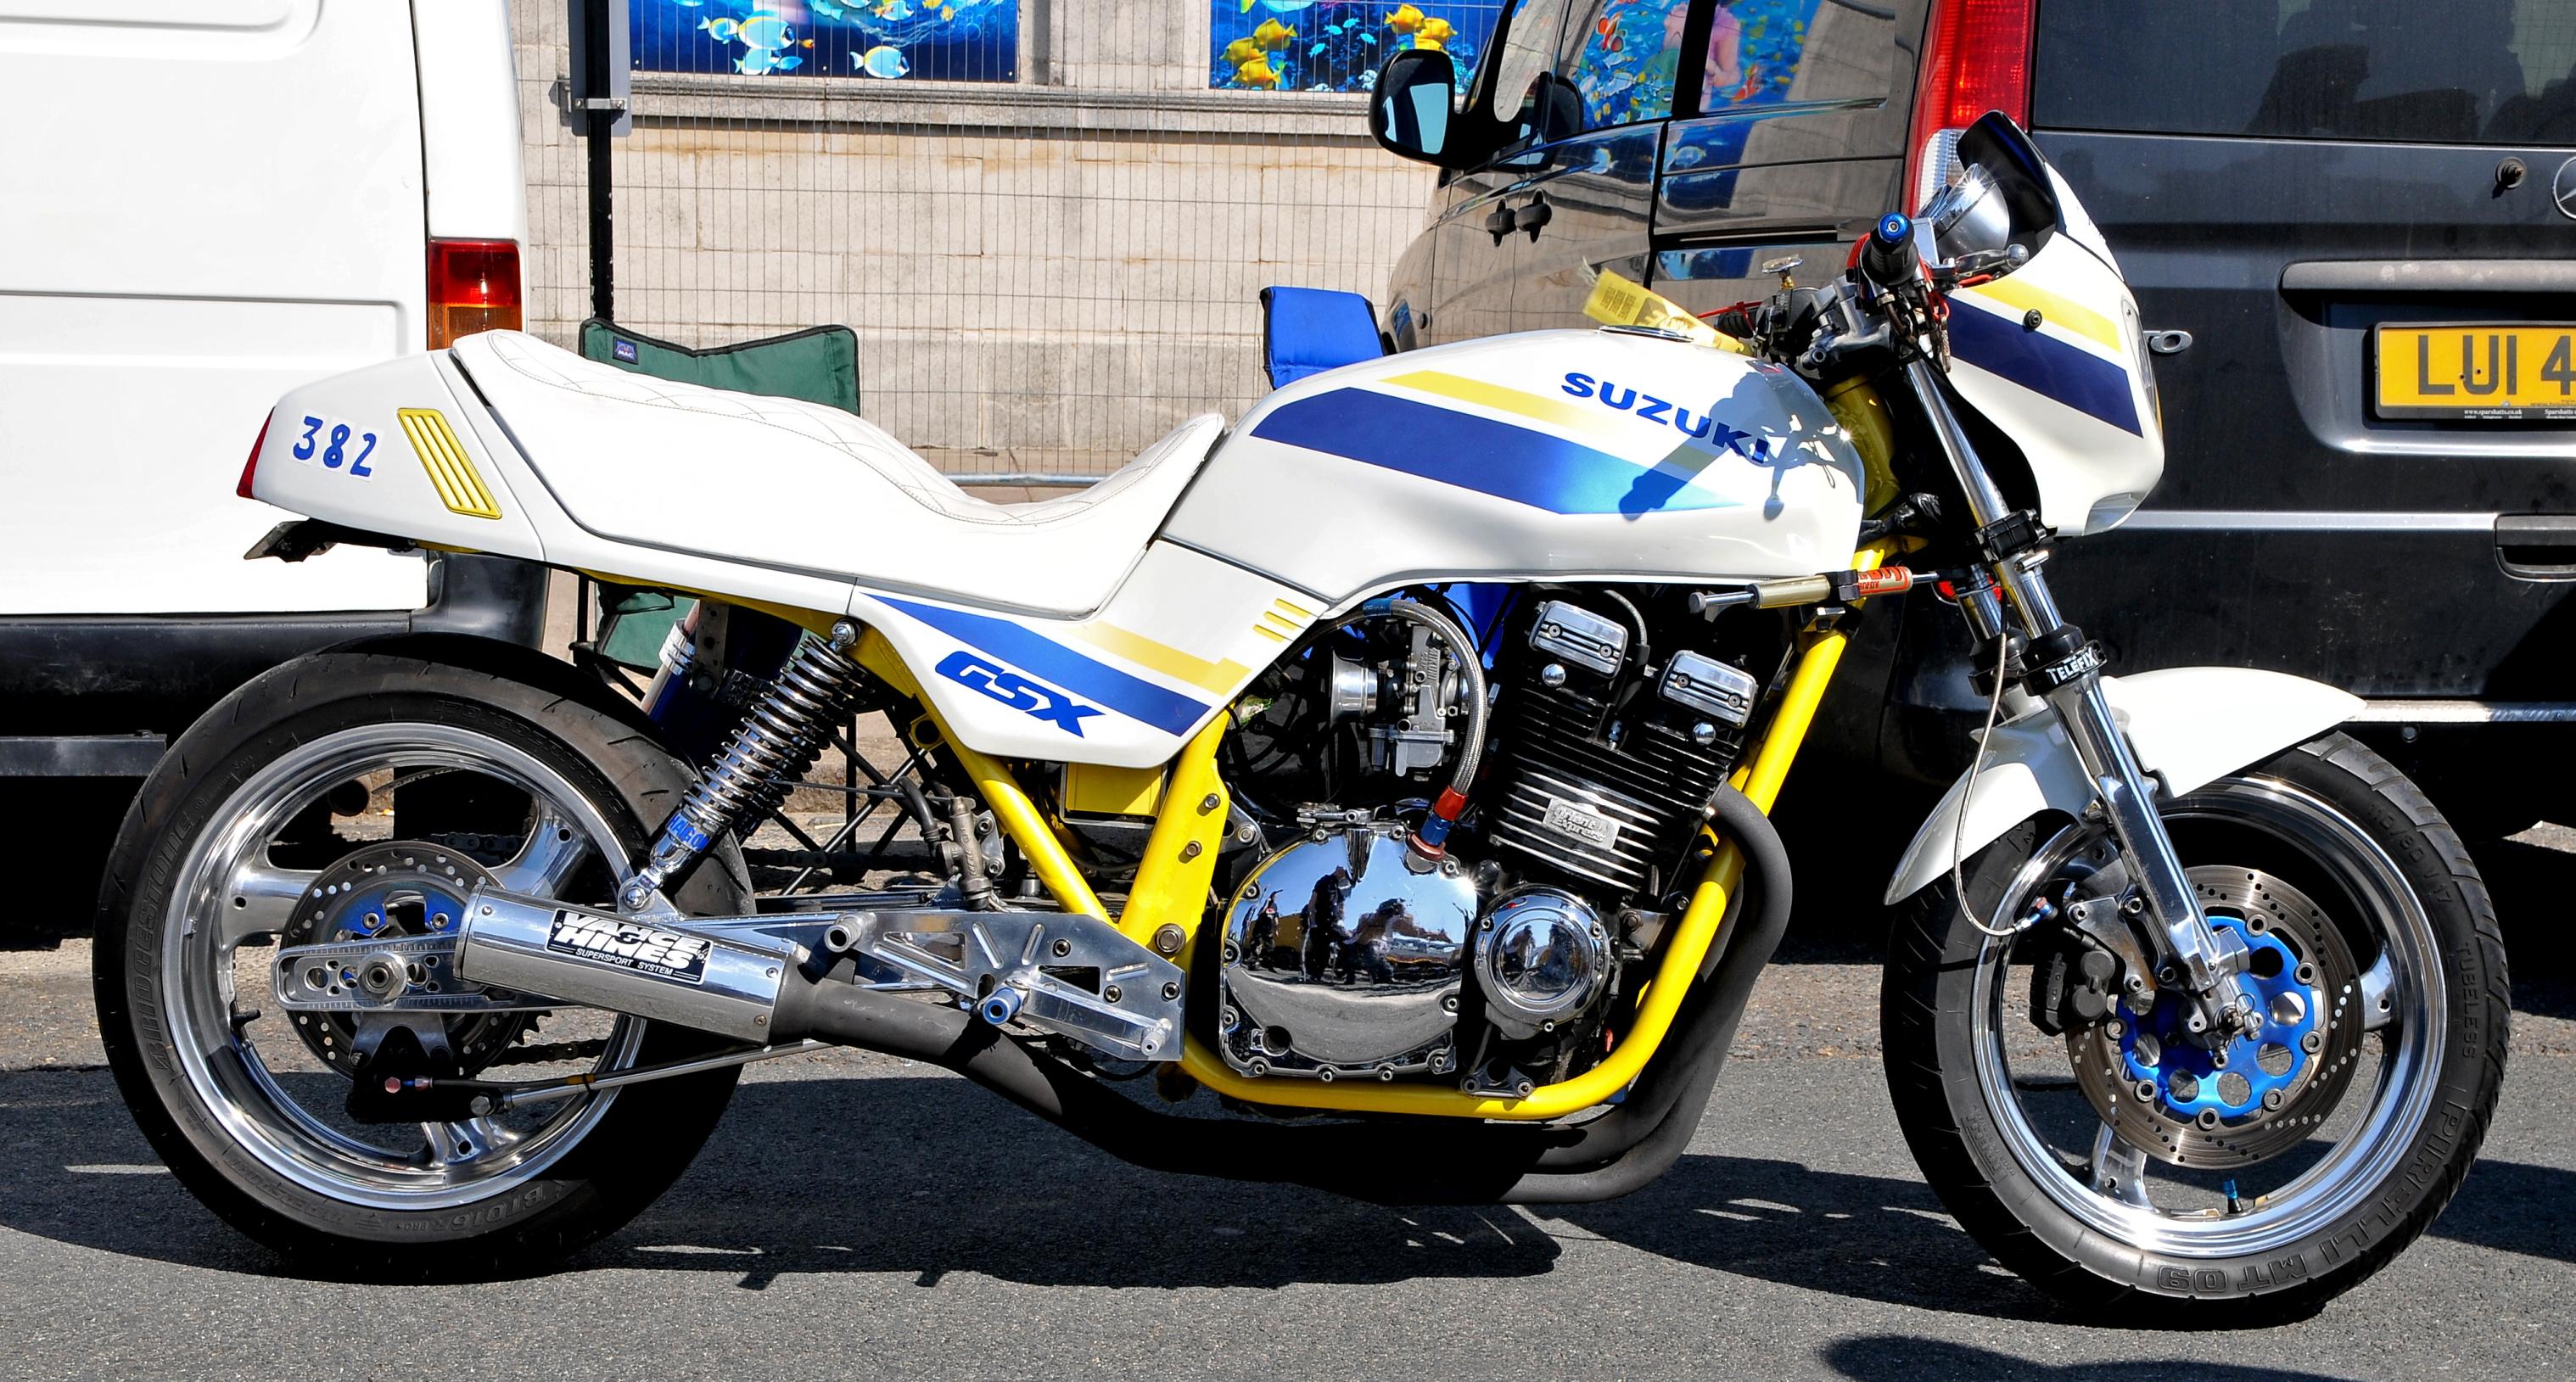 Jeff Dowsett's Suzuki GSX1100